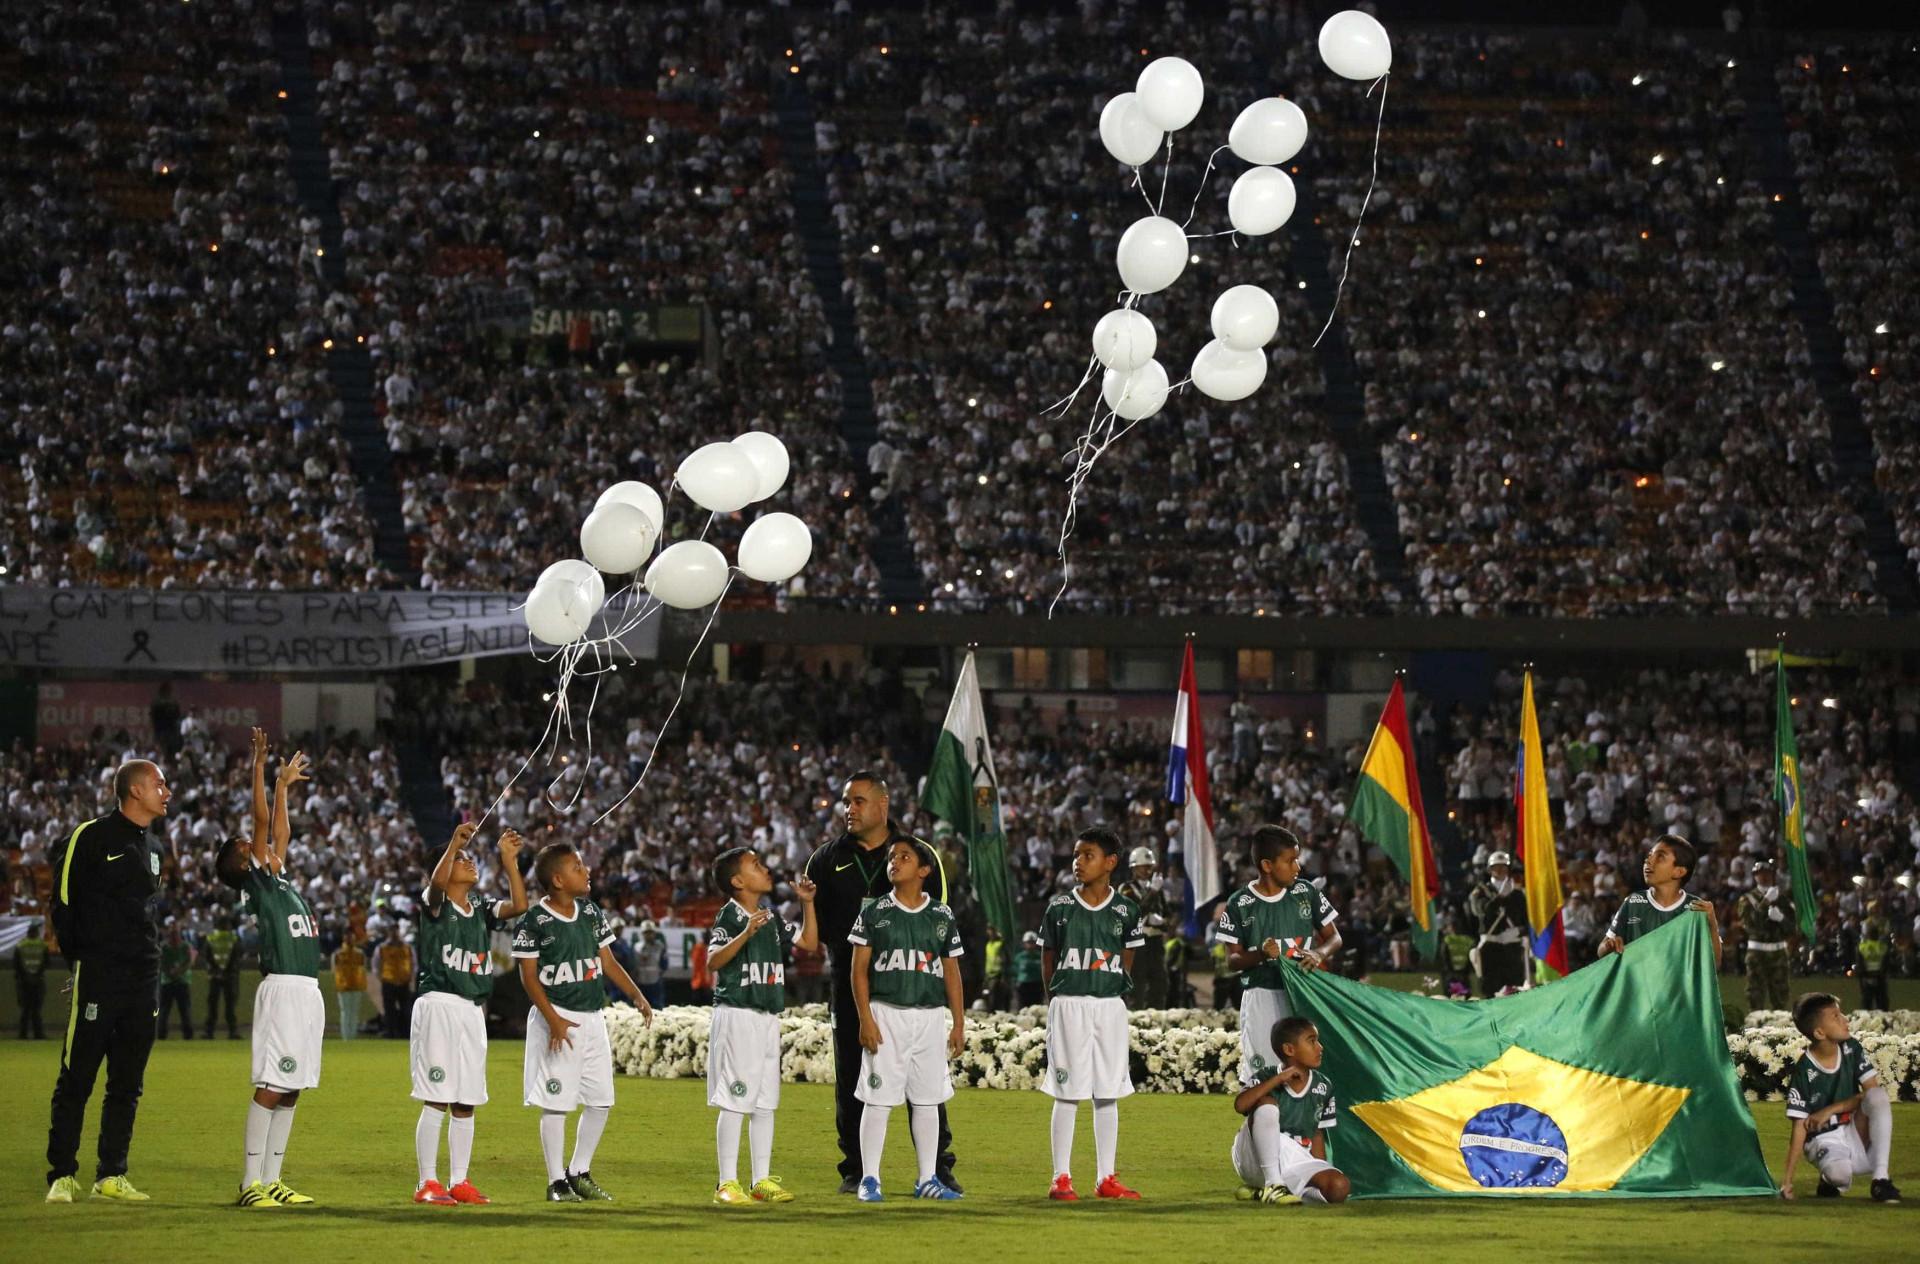 Estádio do Atlético Nacional encheu-se para homenagear Chapecoense